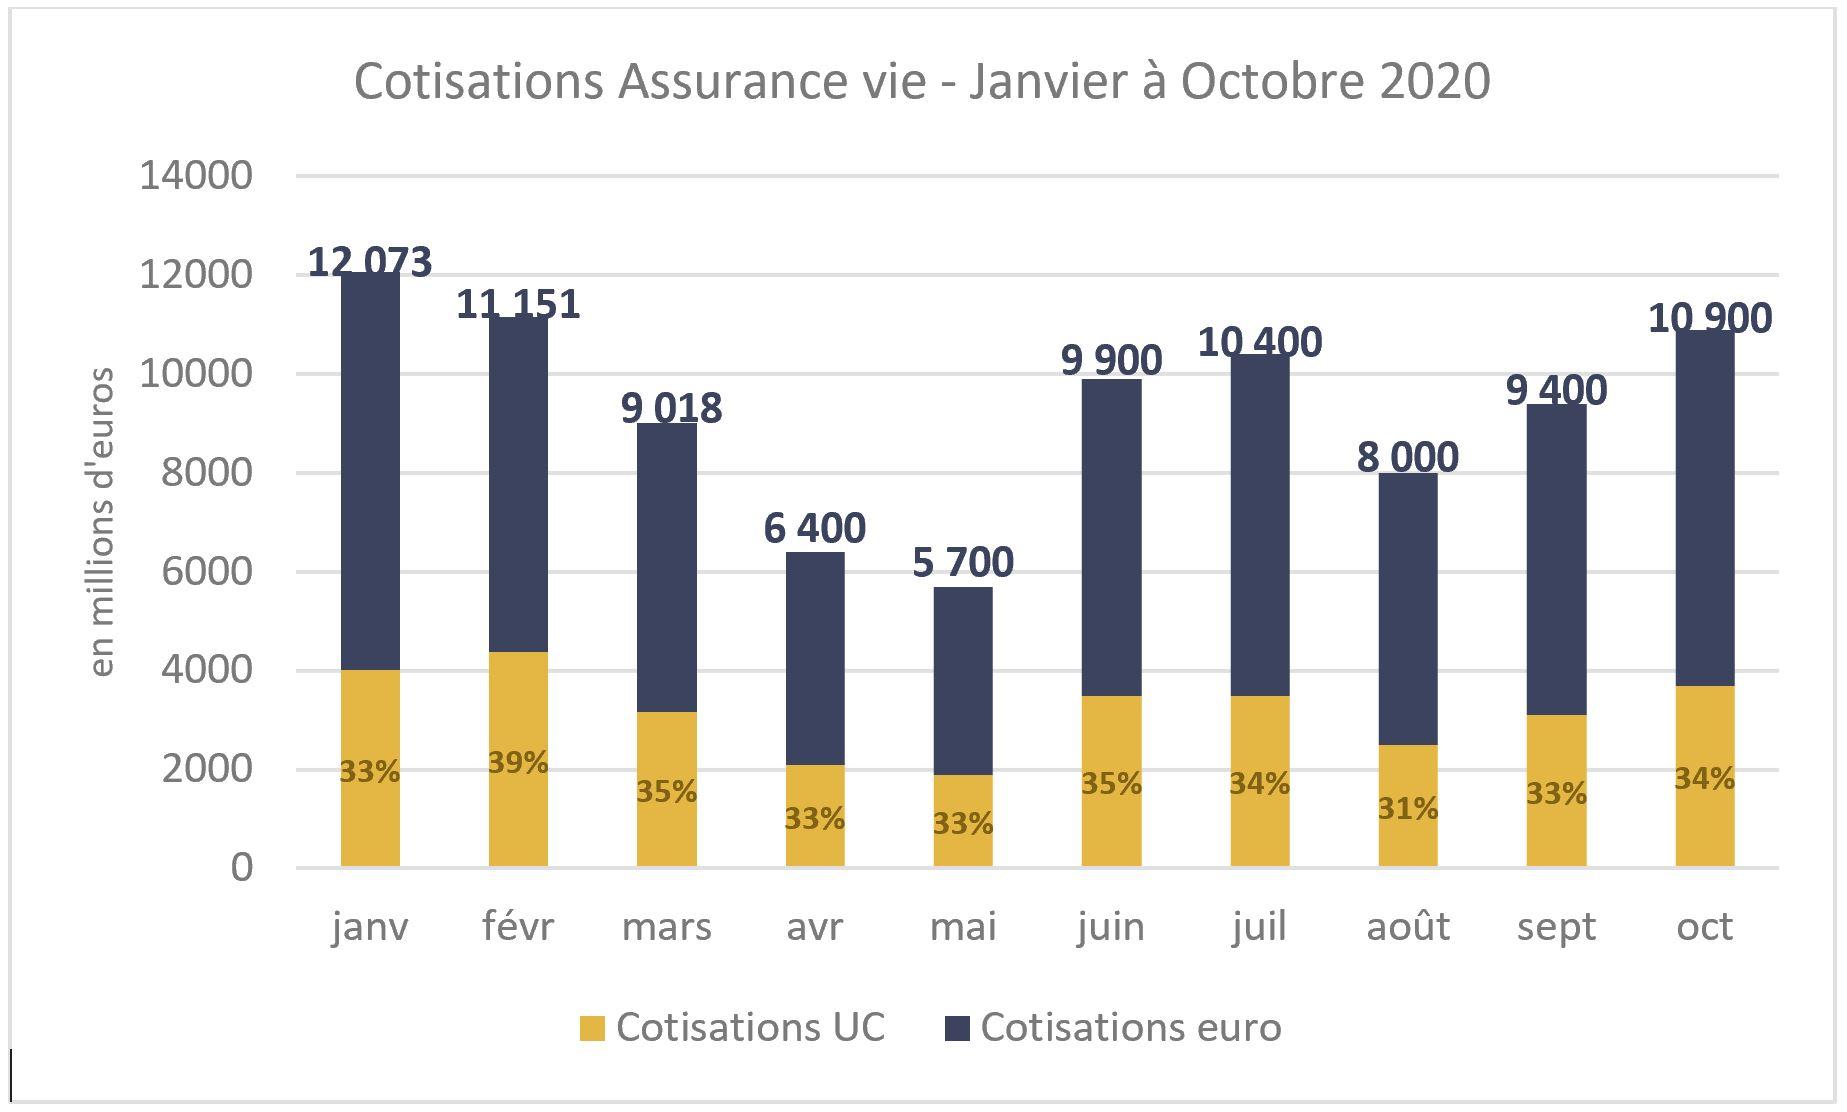 Cotisations assurance vie Janv-Oct 2020 - source FFA